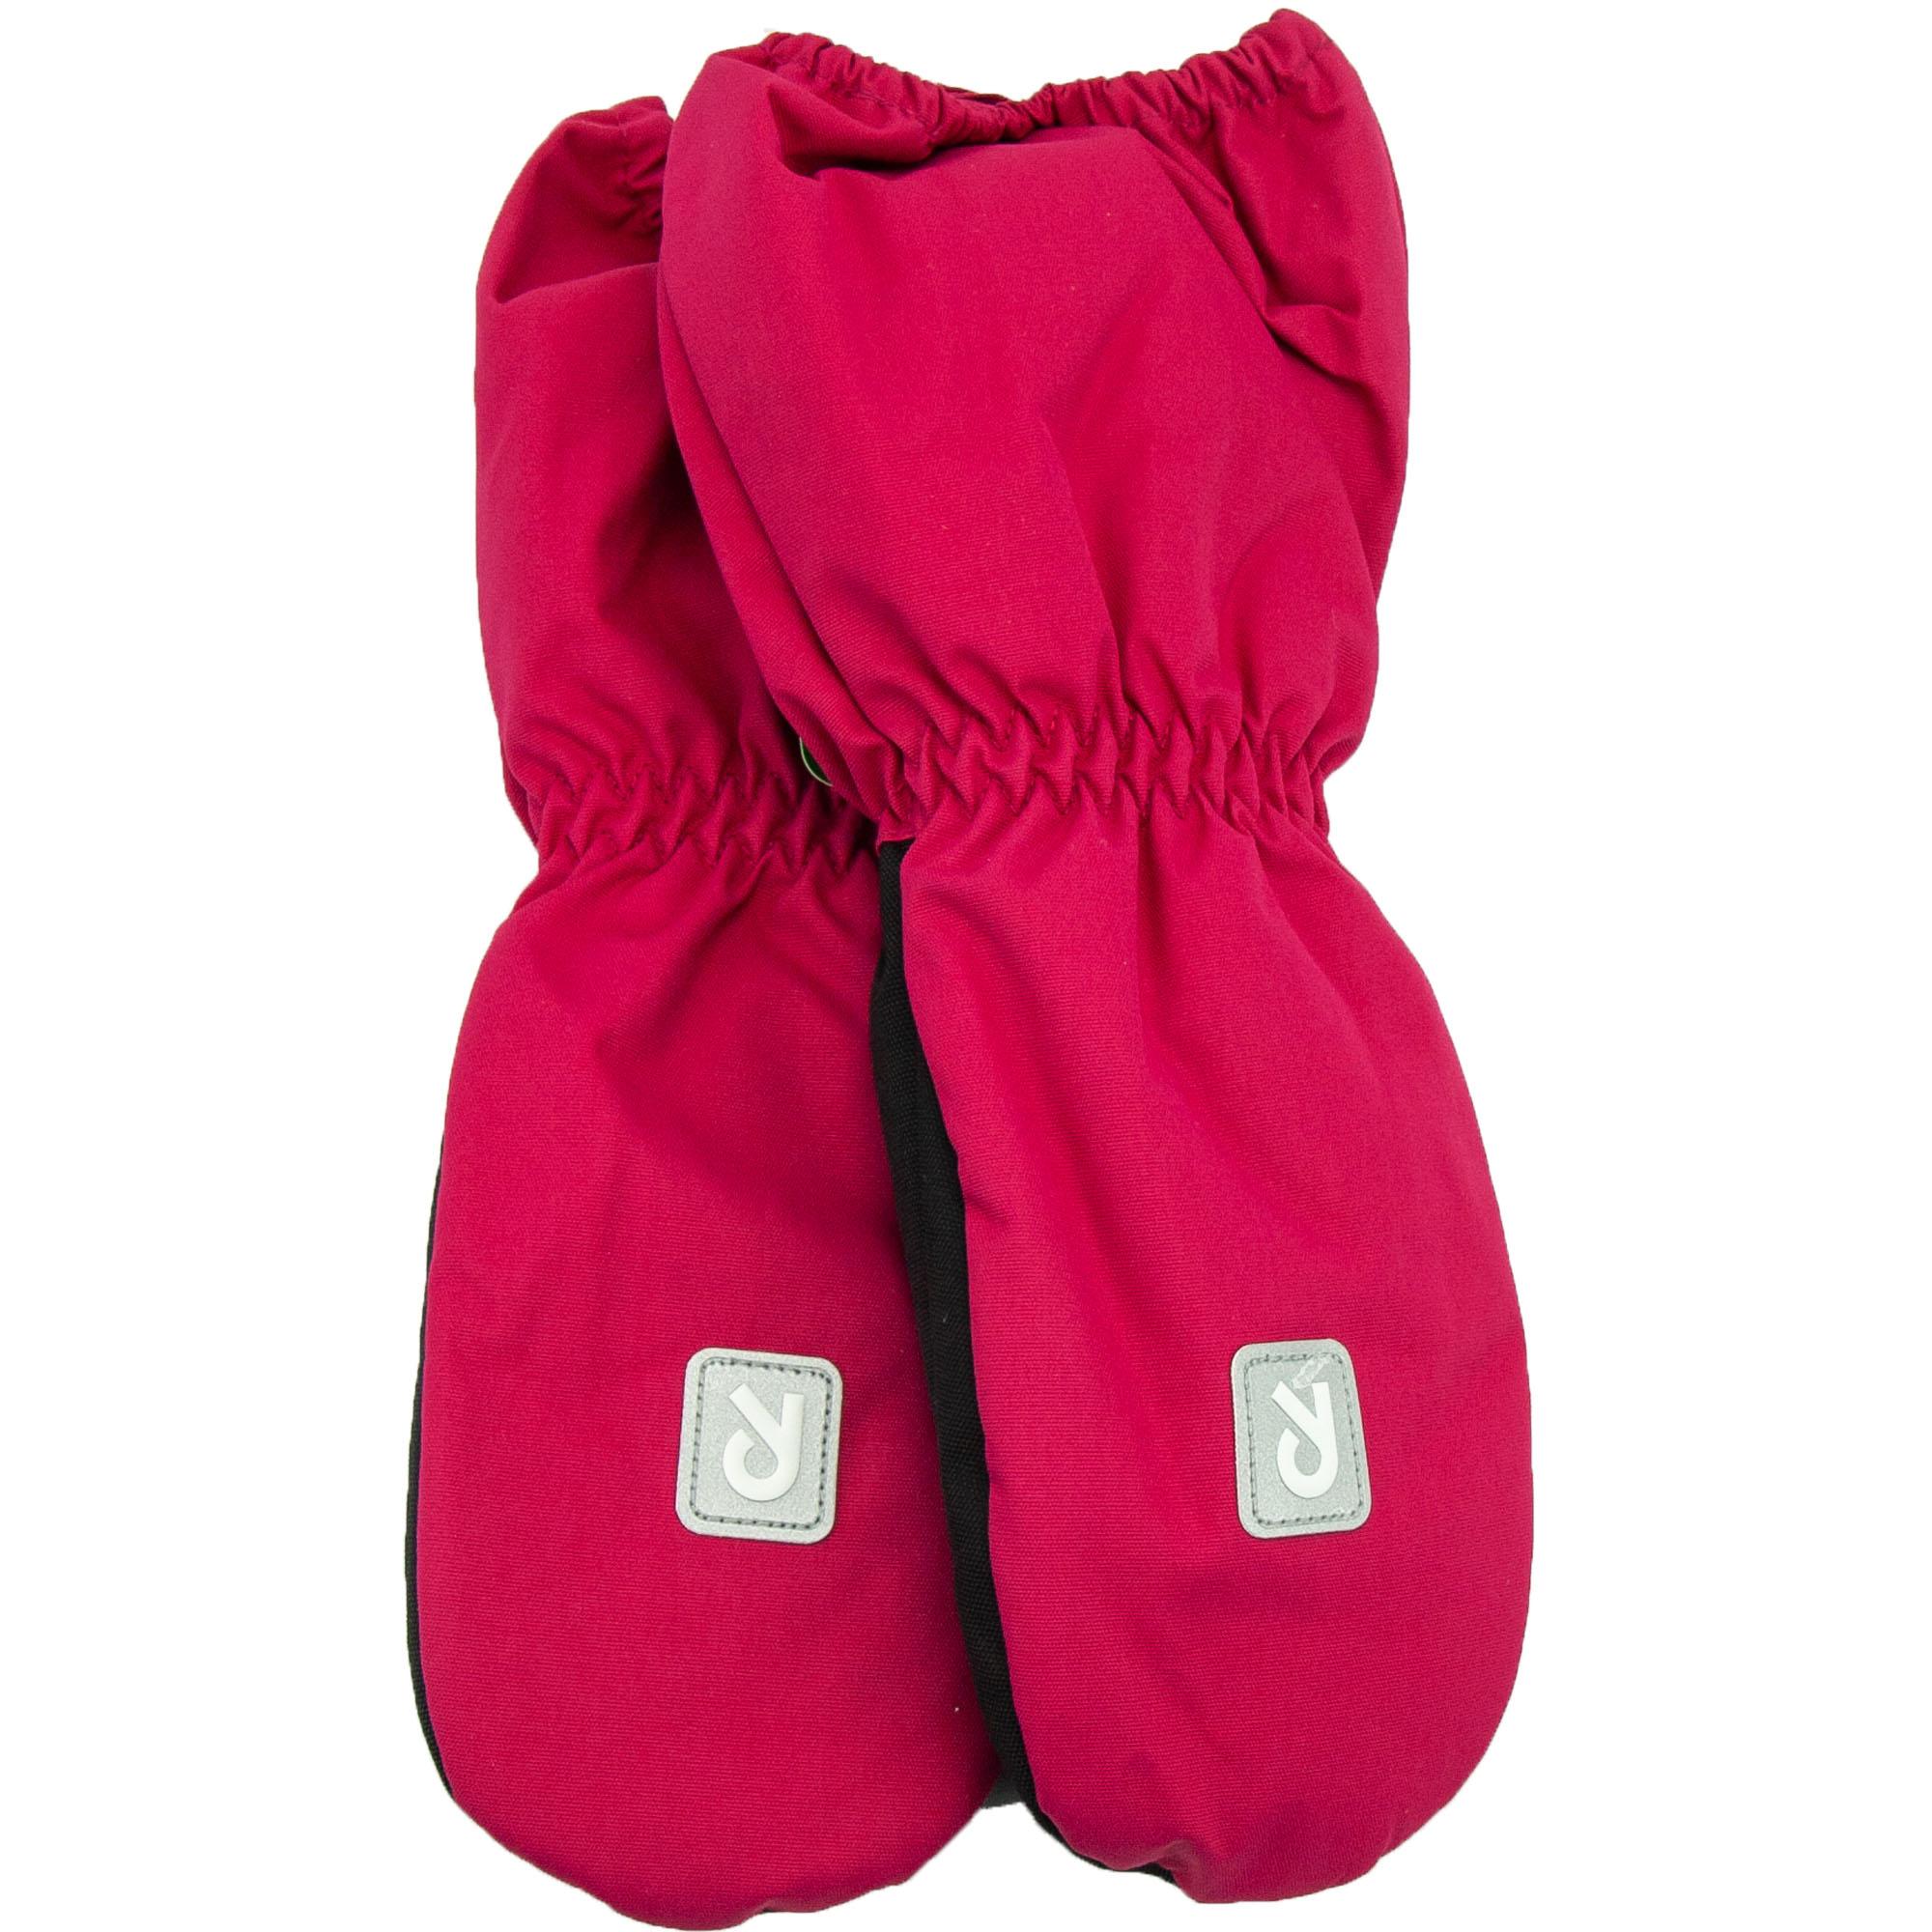 Reima dětské zimní rukavice 527285-3600 5f8b72c2b4